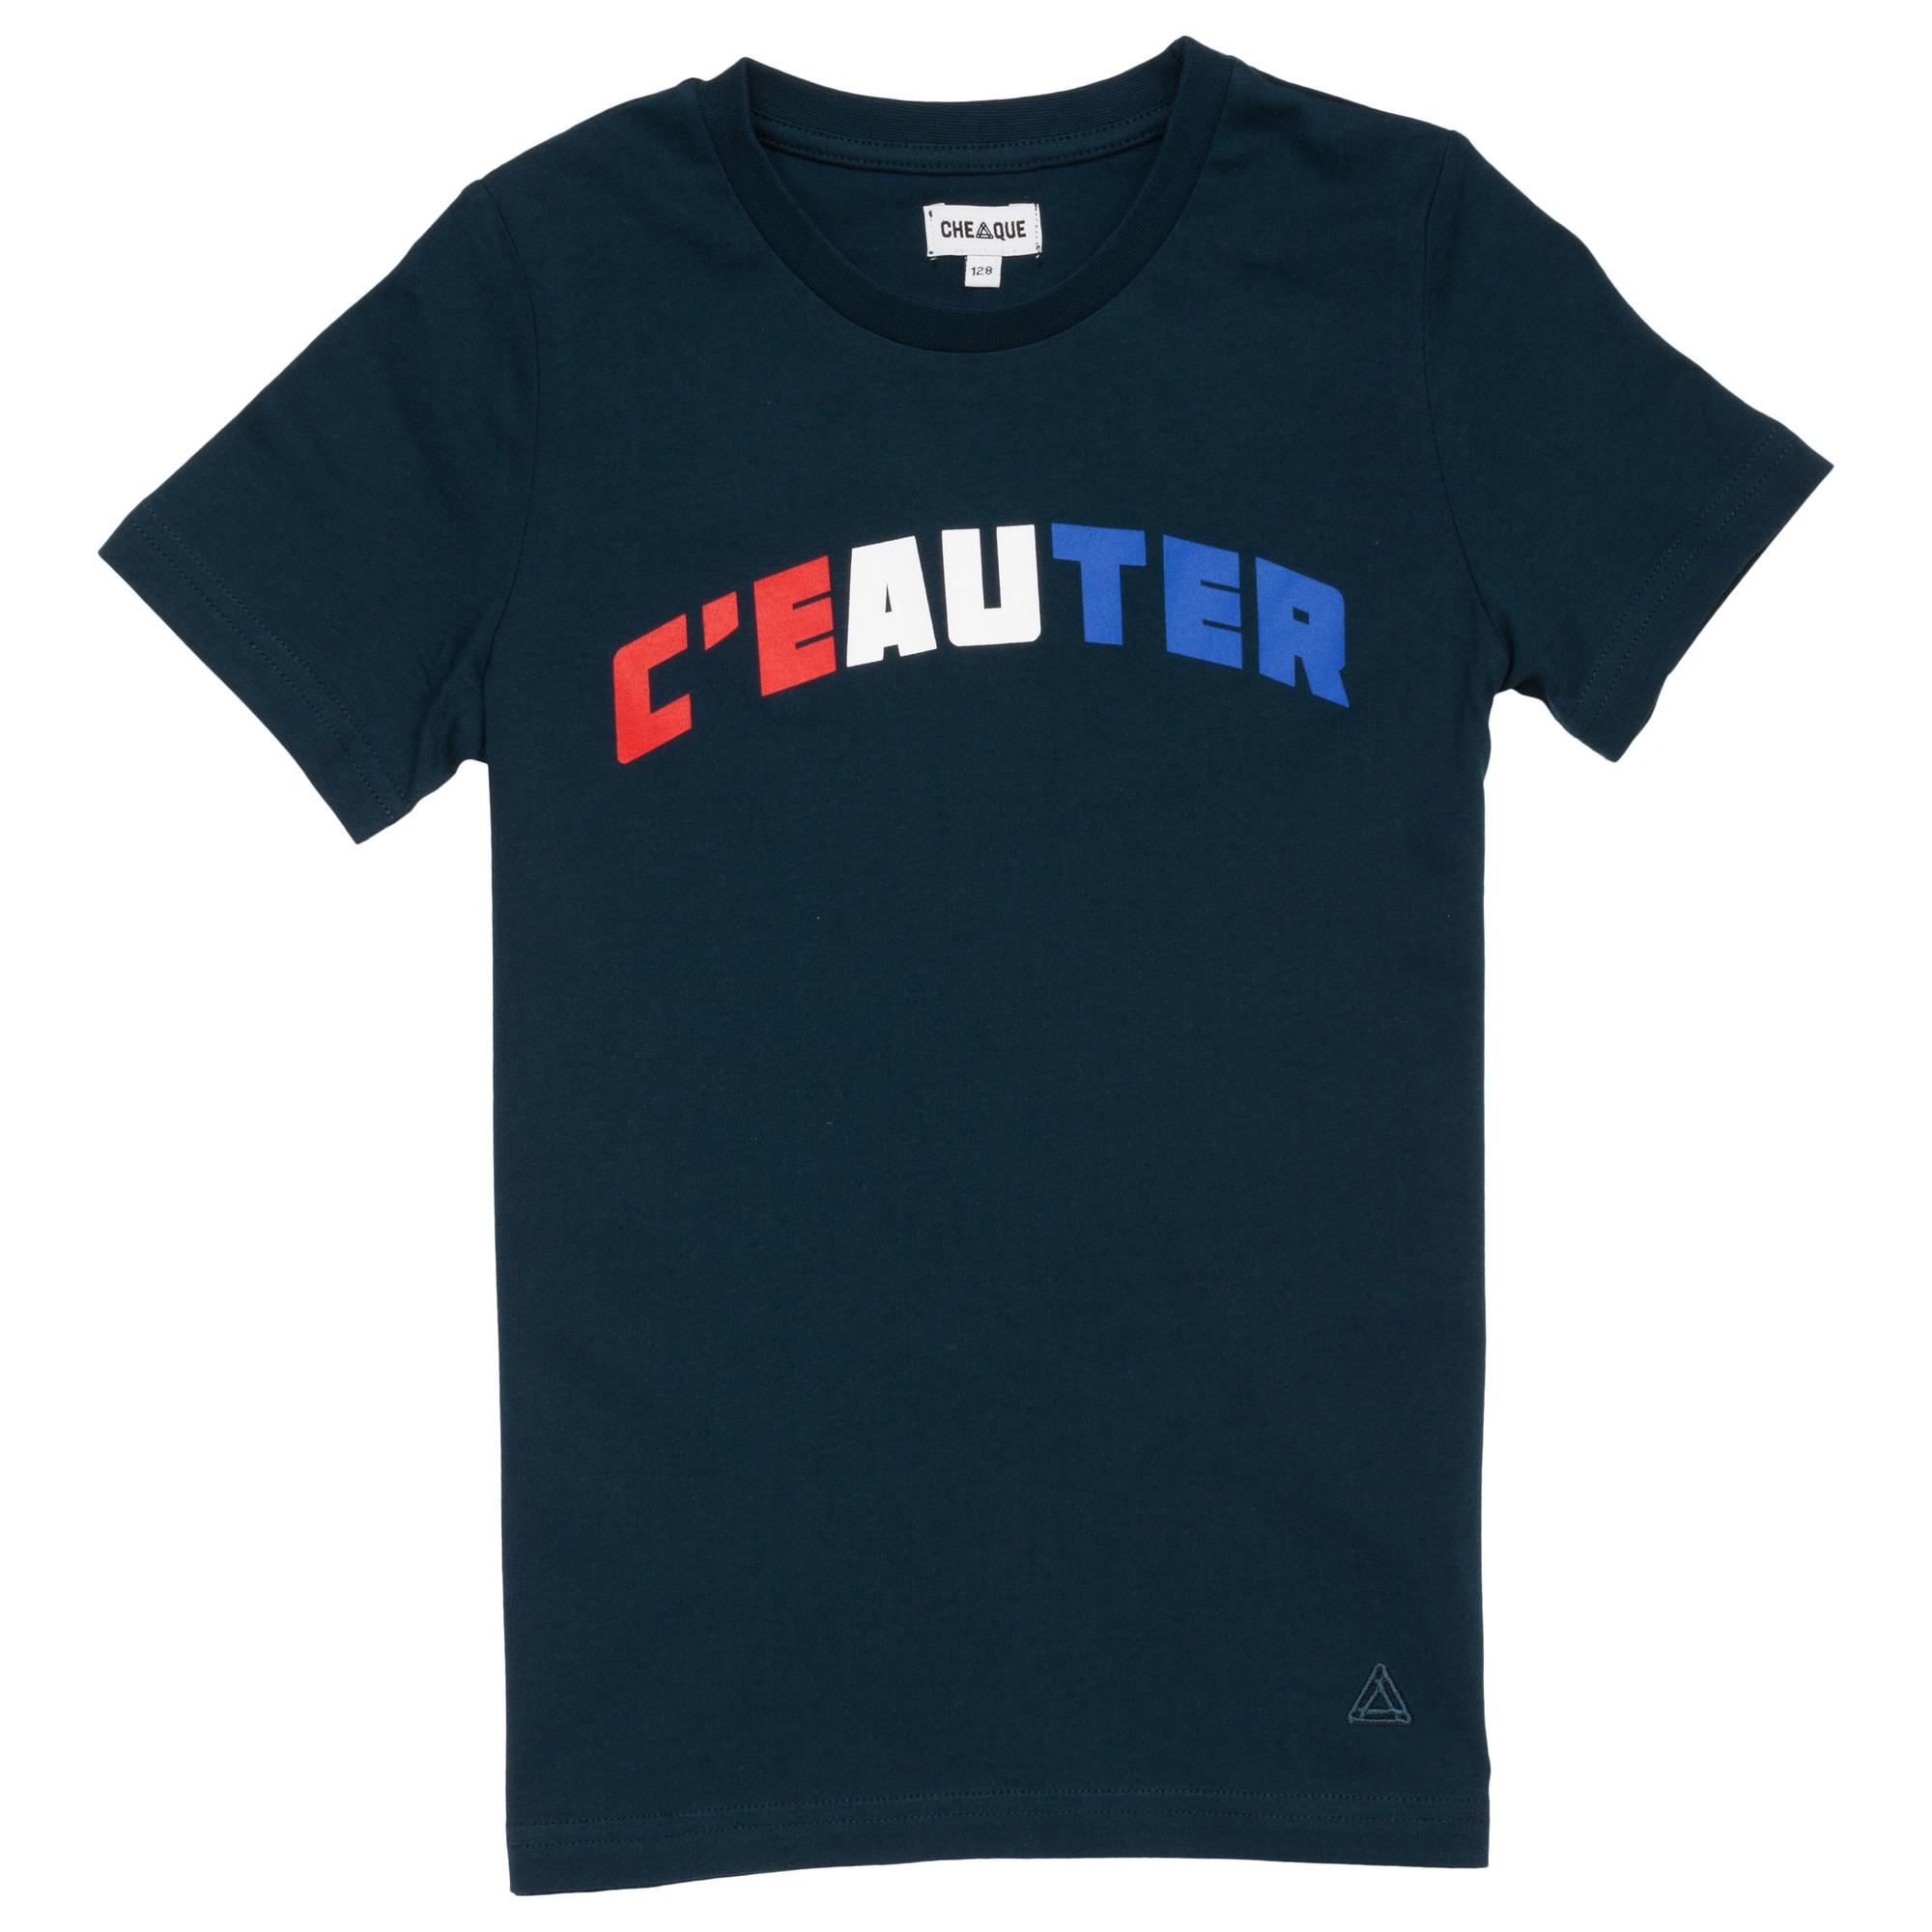 Afbeelding van Cheaque C'eauter Shirt Junior Navy 104